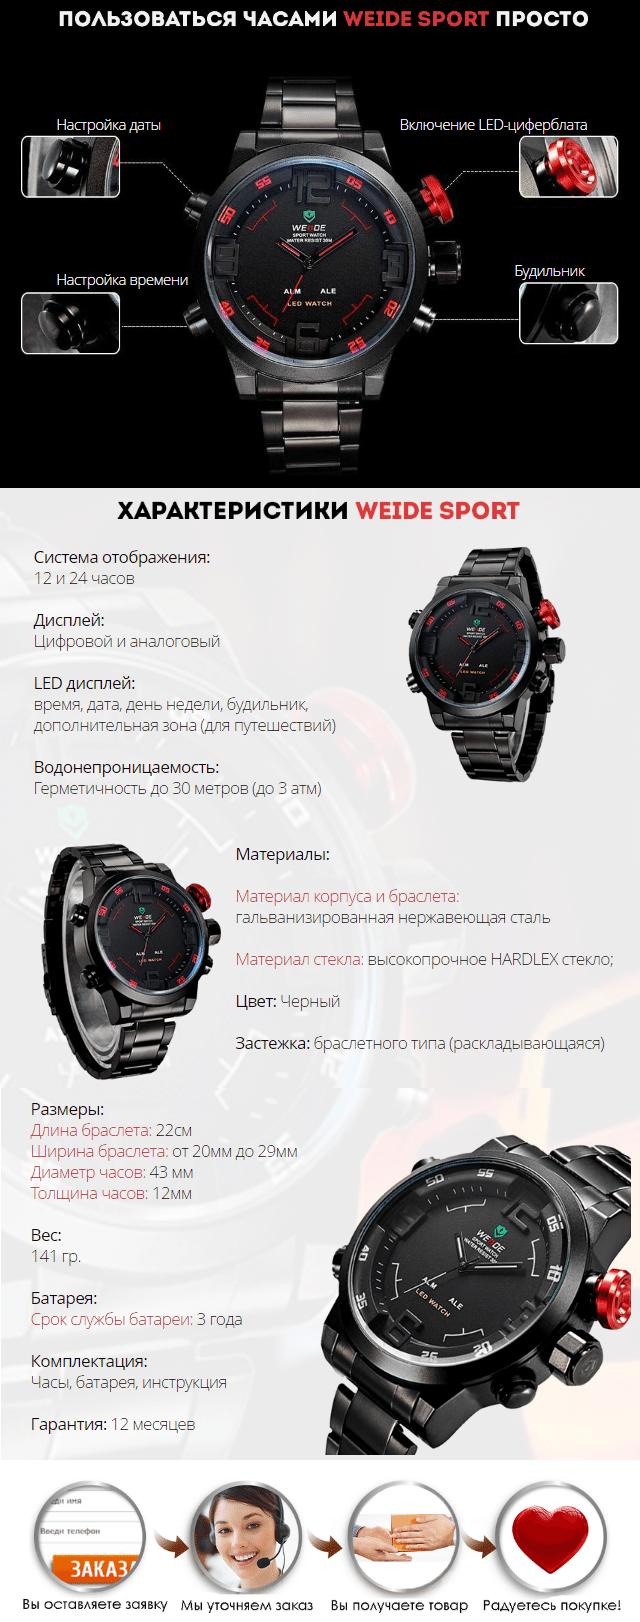 Мужские спортивные часы Weide Sport Watch - фото спортивные часы weide sport watch